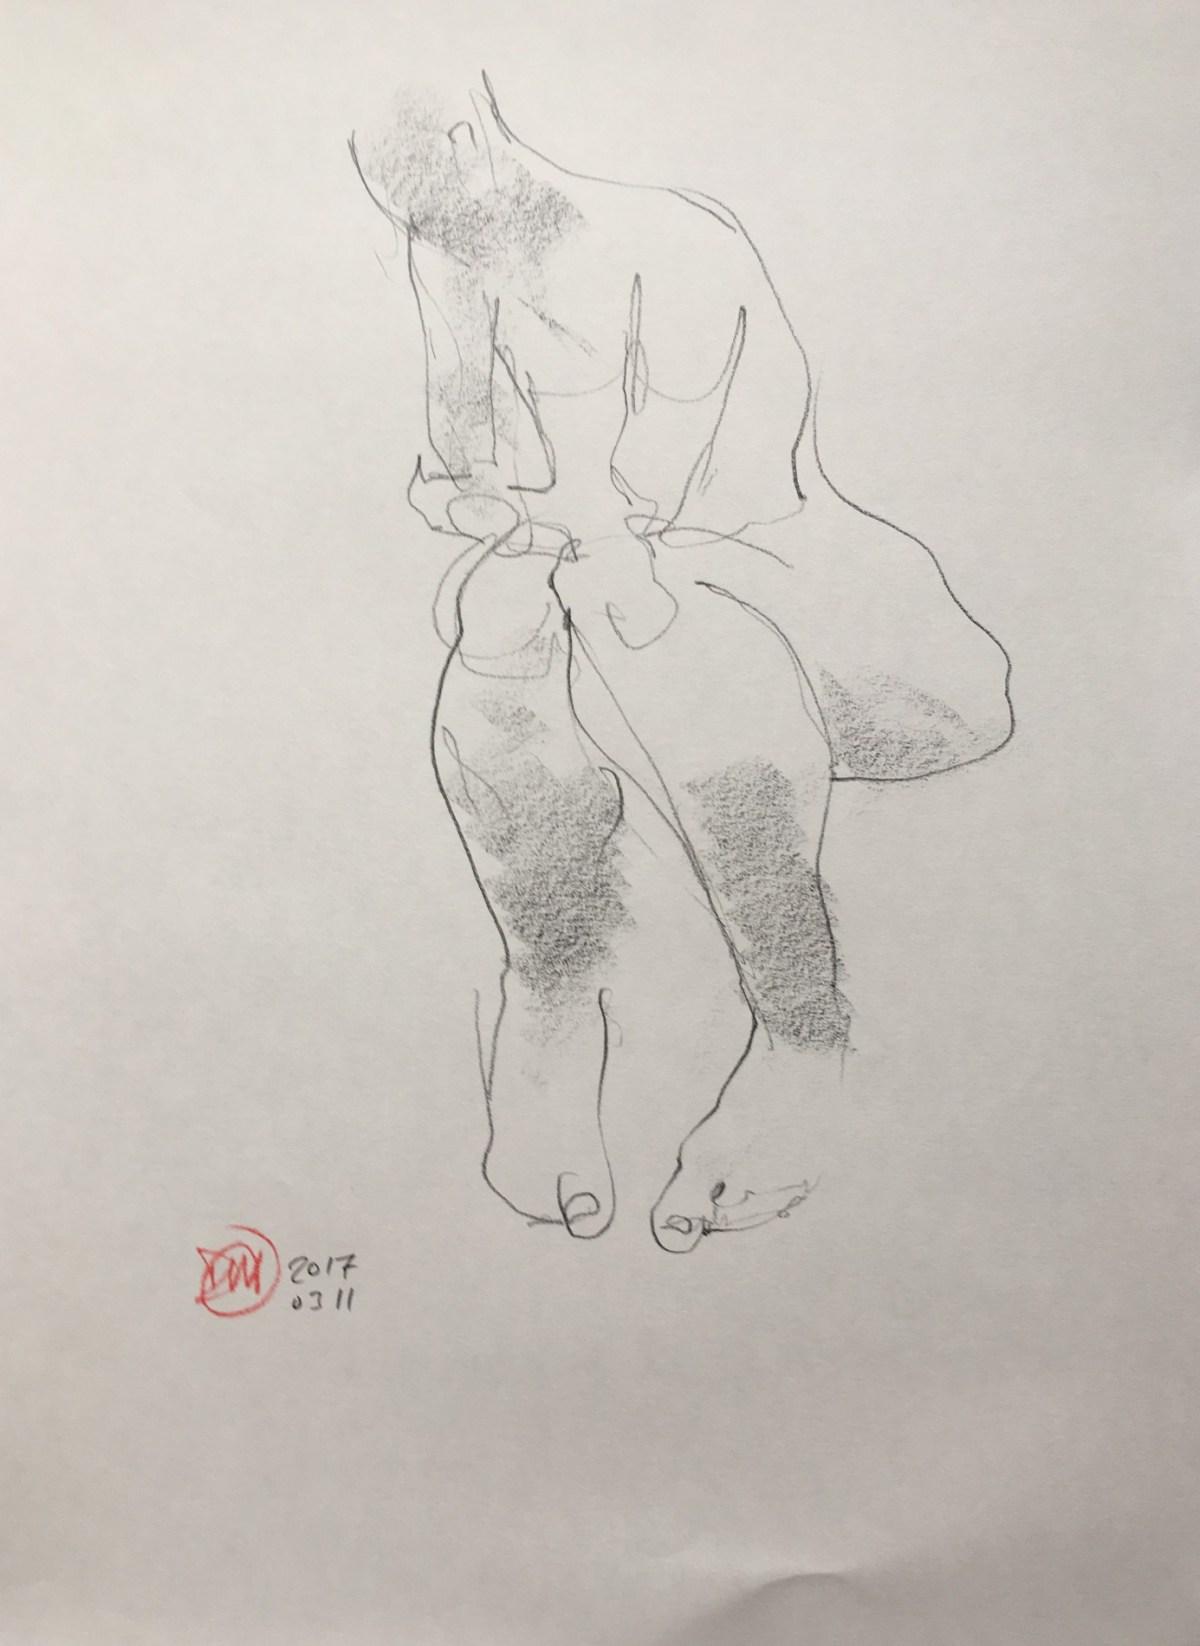 Saturday's life drawing